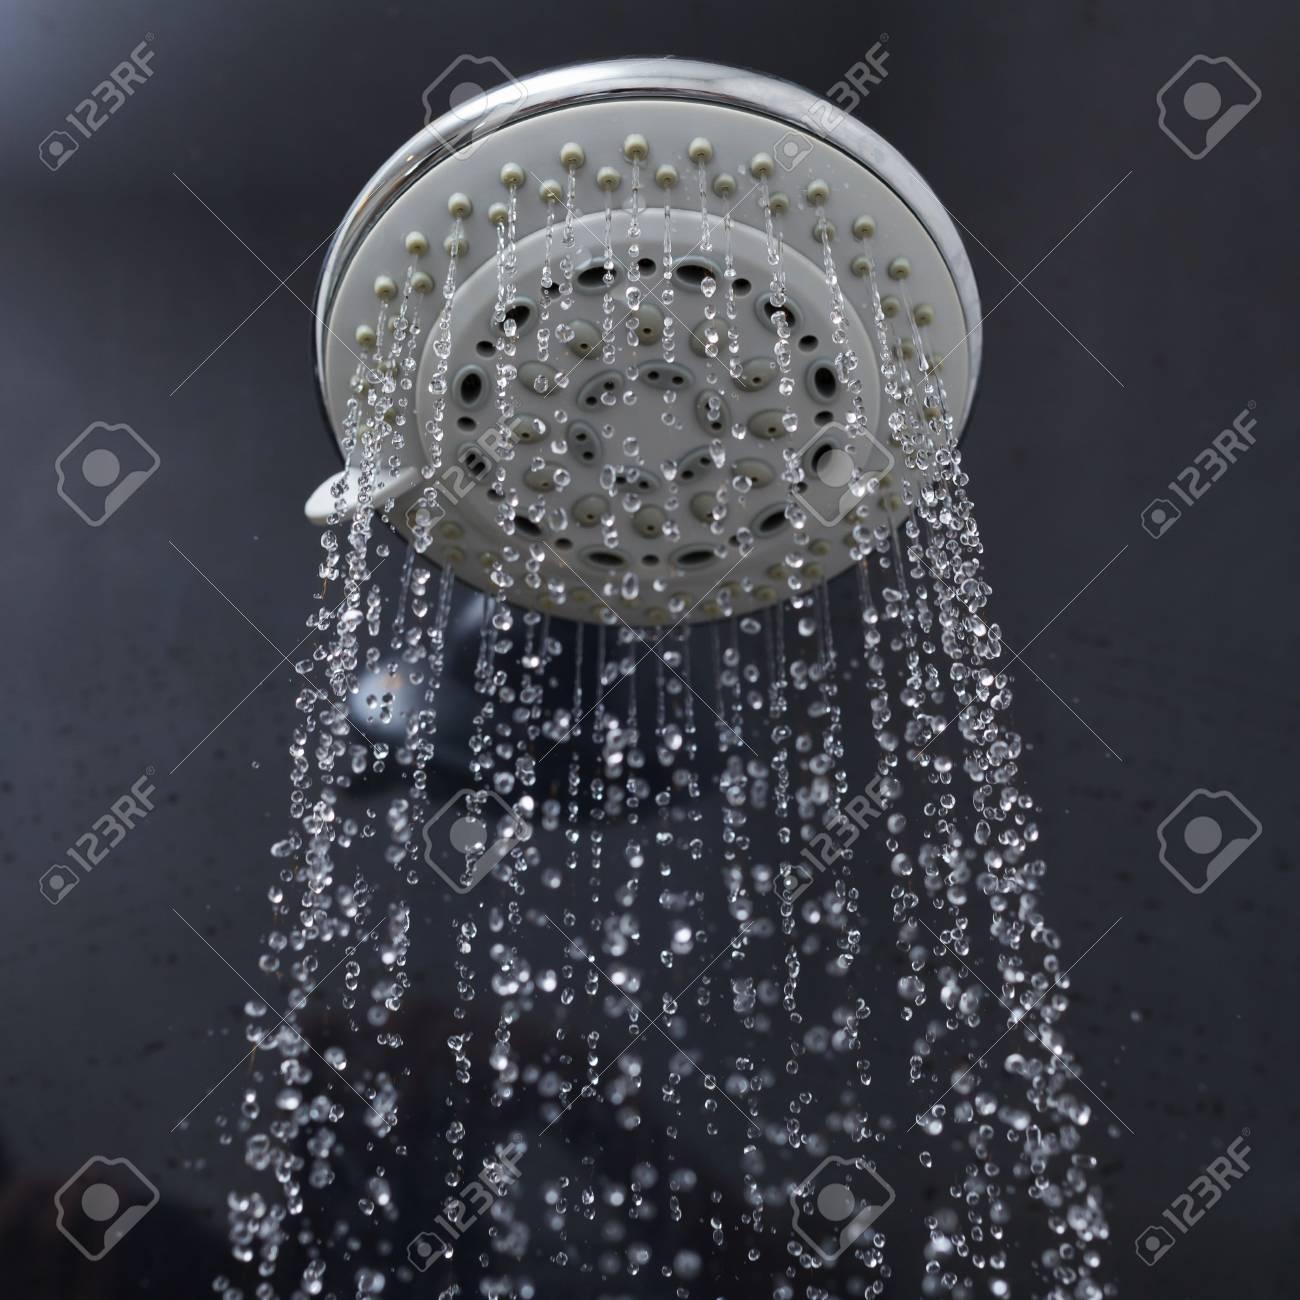 Salle De Bain Et Eau ~ t te de douche dans salle de bain avec de l eau qui coule gouttes